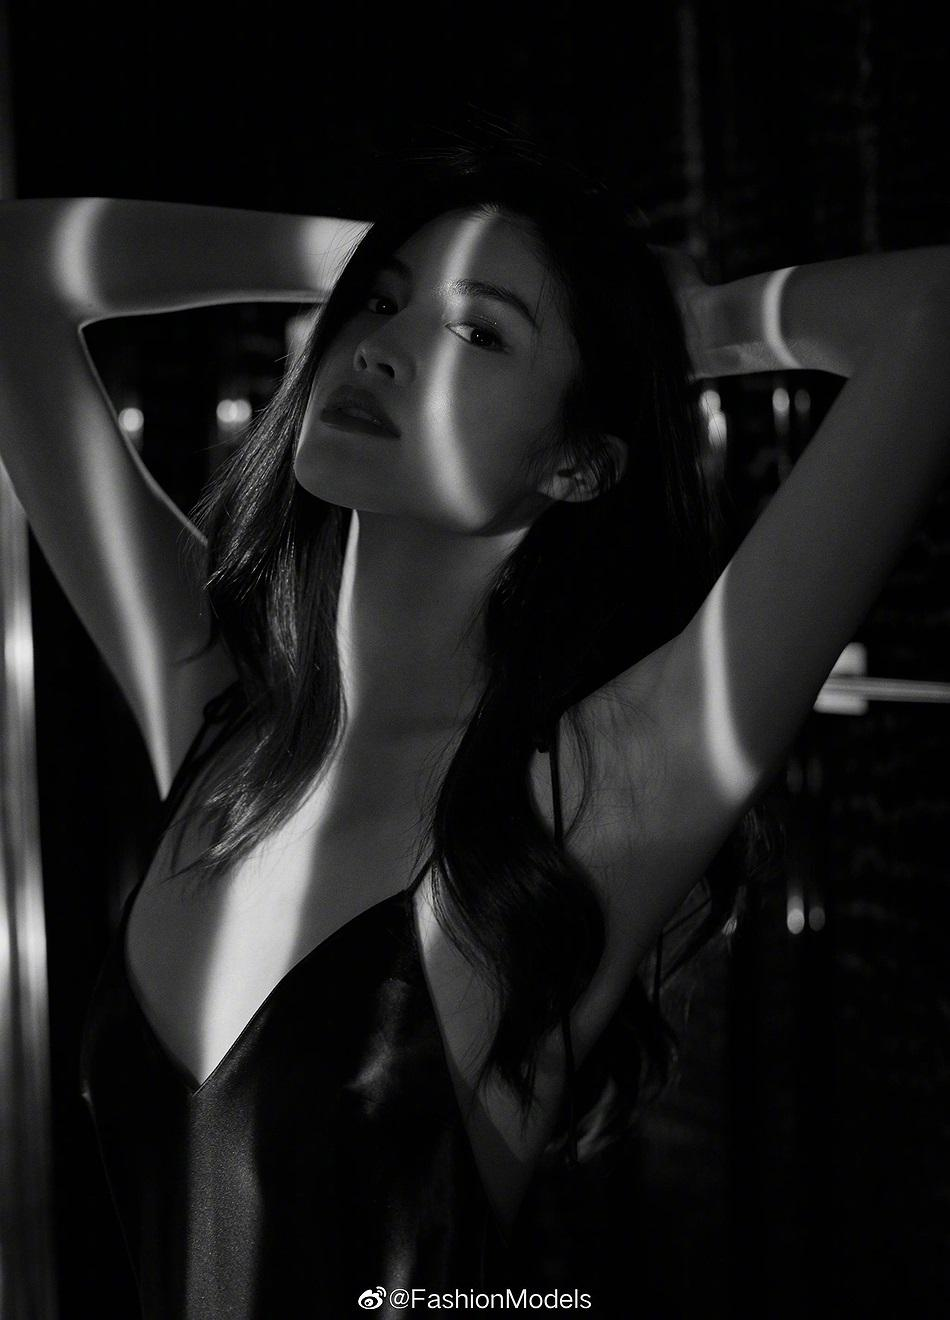 Siêu mẫu Victoria's Secret gốc Á mặc nội y ren, khoe lưng trần gợi cảm Ảnh 9